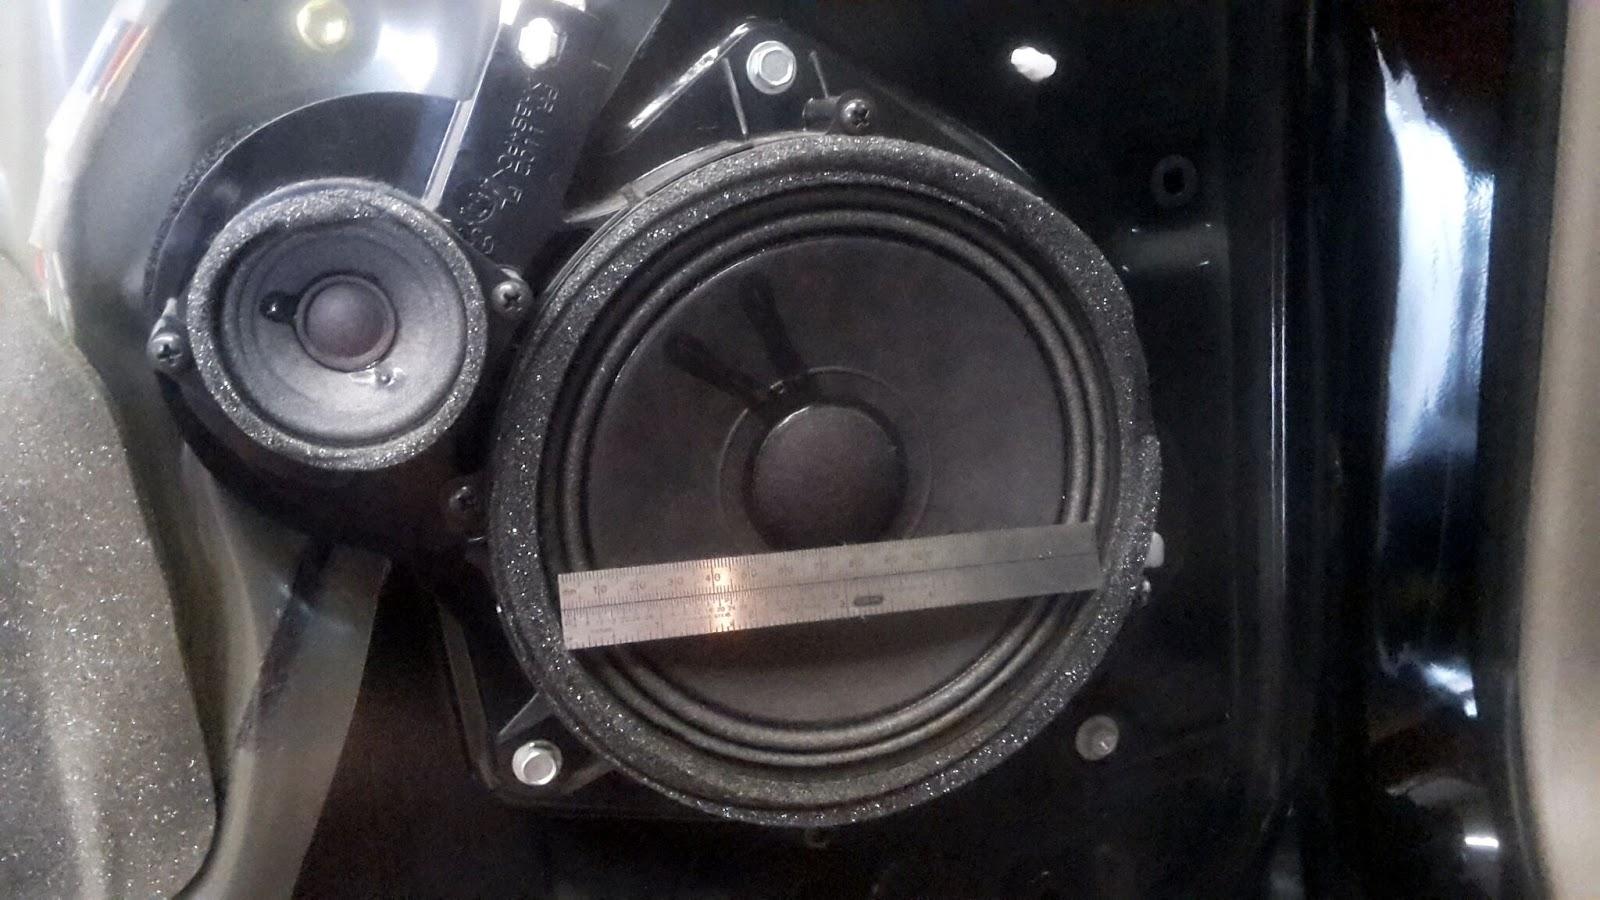 SpeakerWorks com Speakers, Speaker Repair, and Speaker Parts